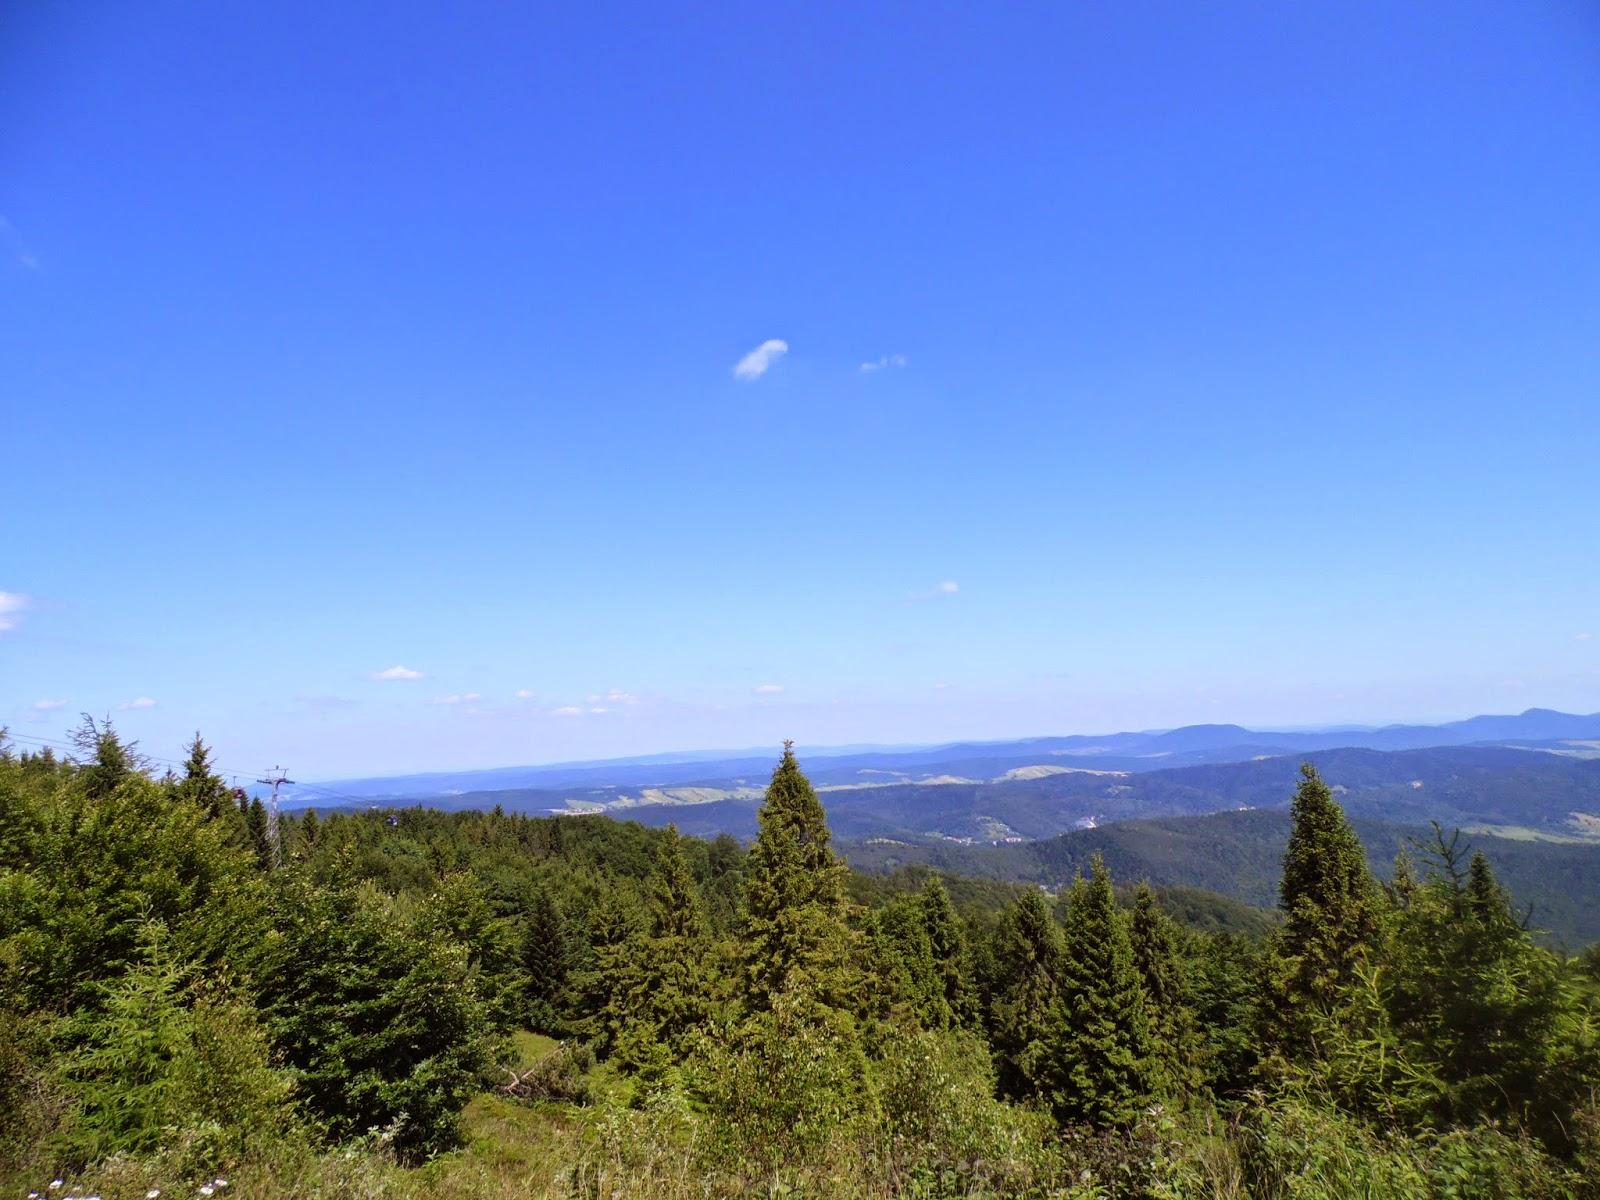 Widok z Jaworzyny Krynickiej na kolejkę gondolową